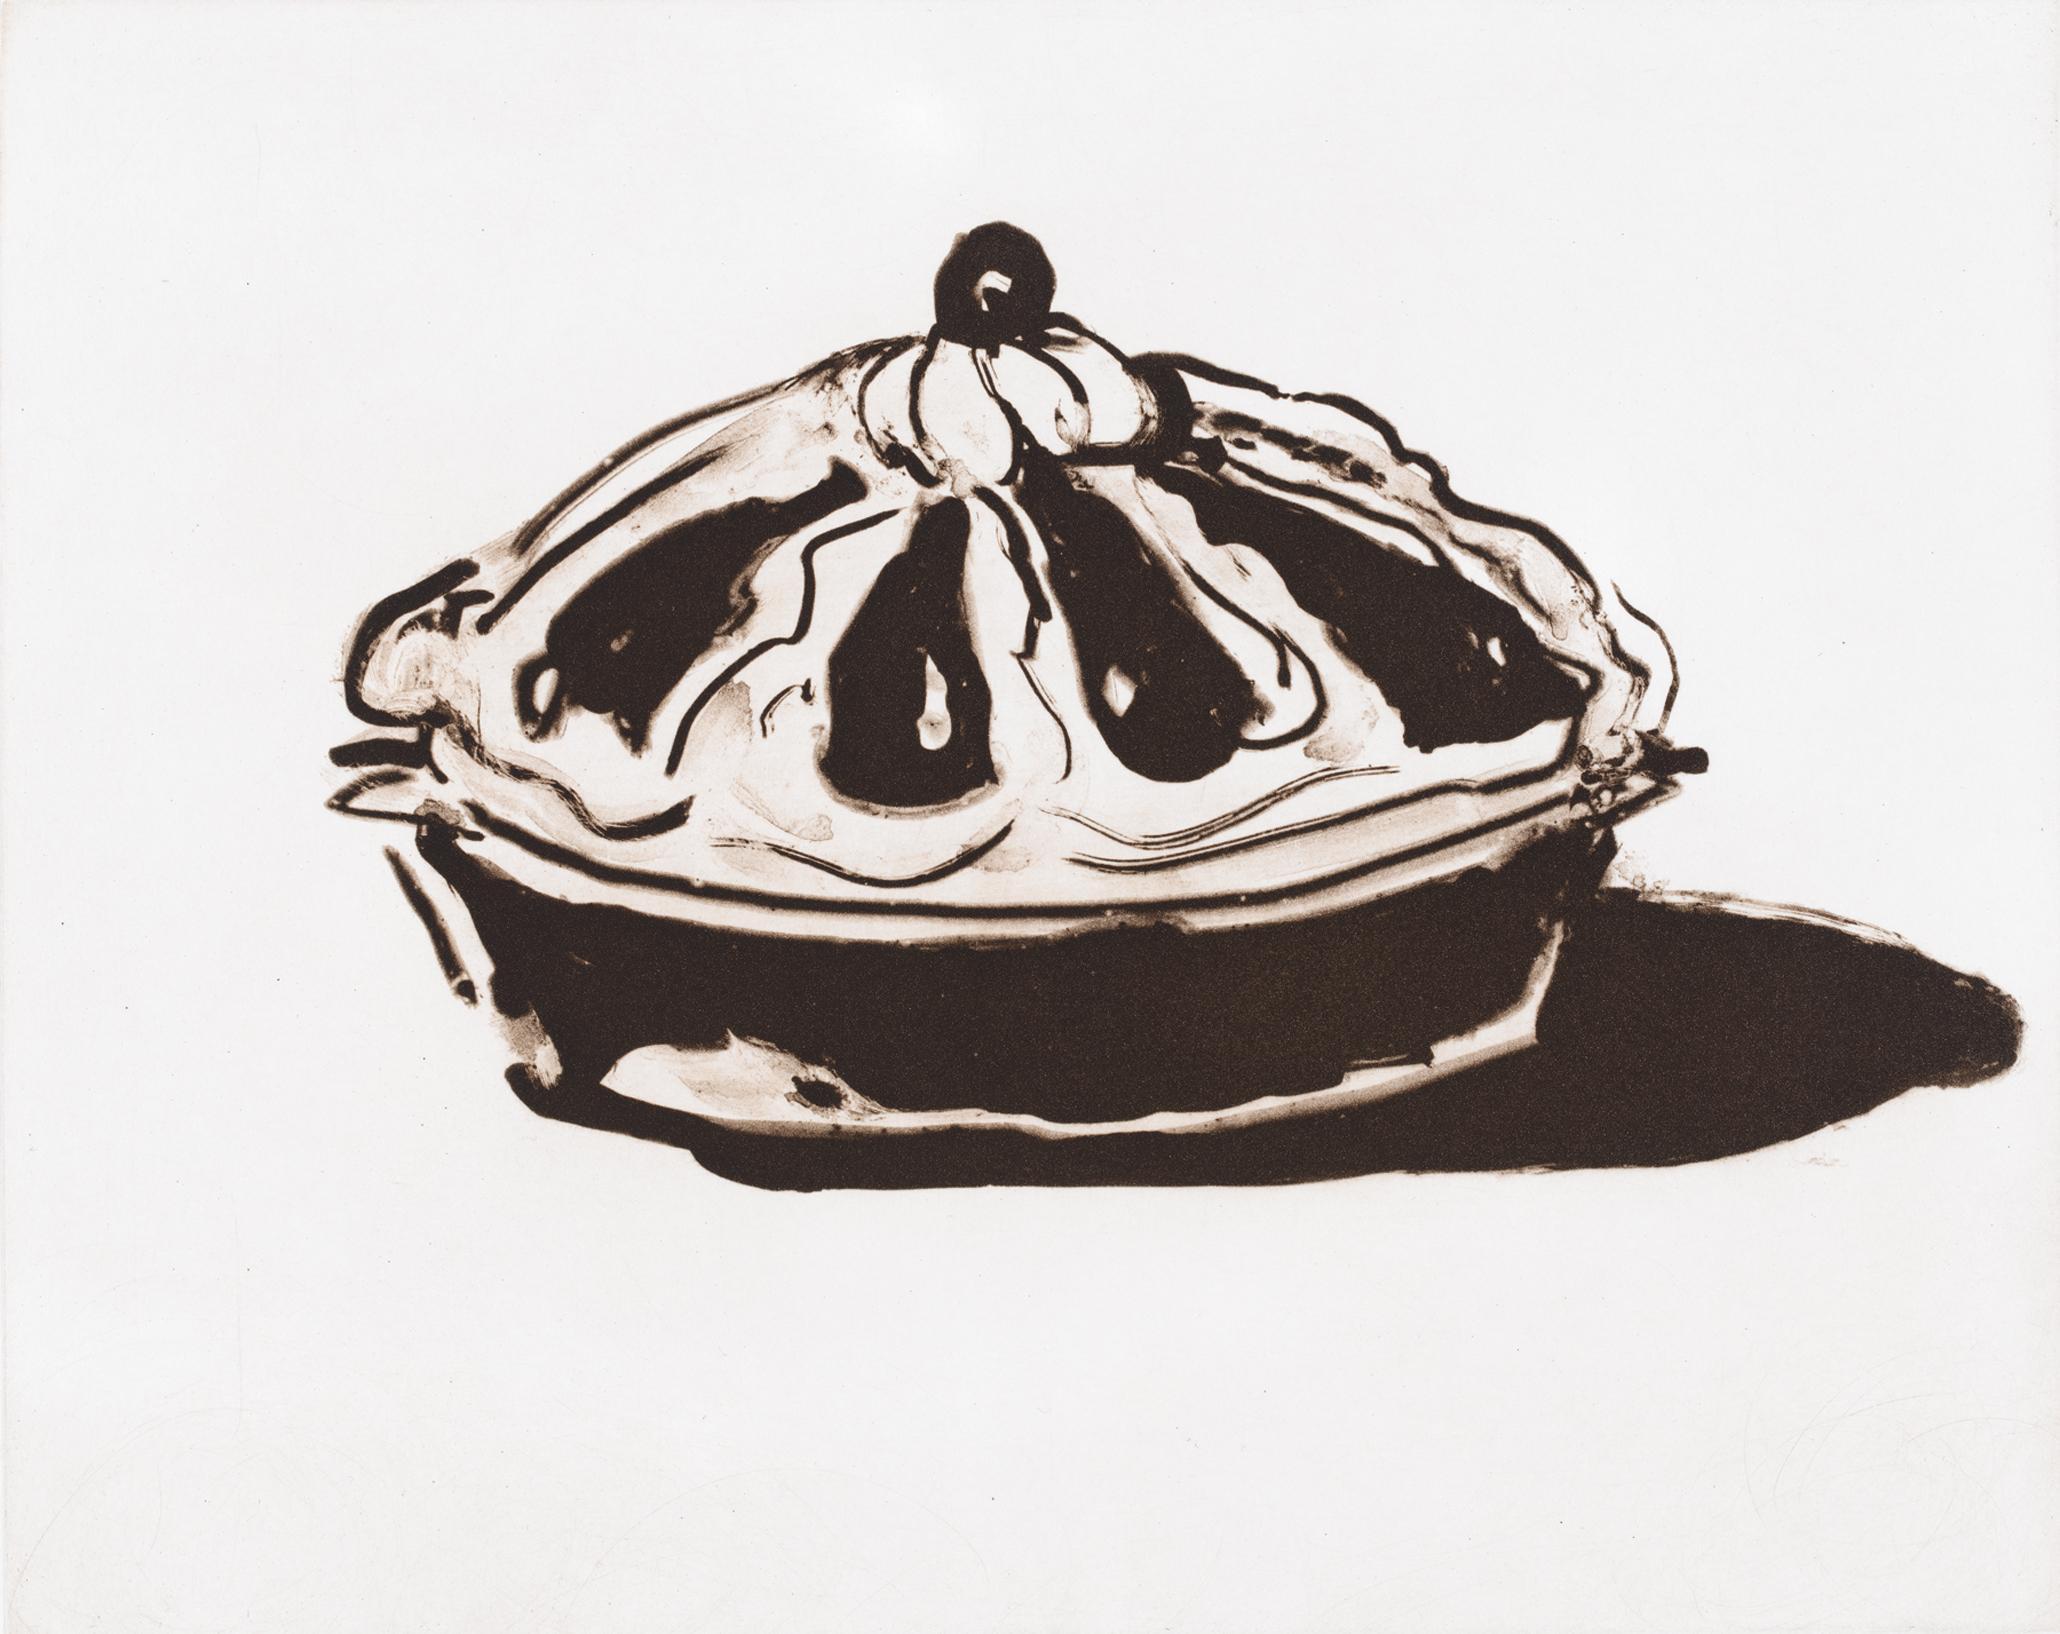 Crown Tart